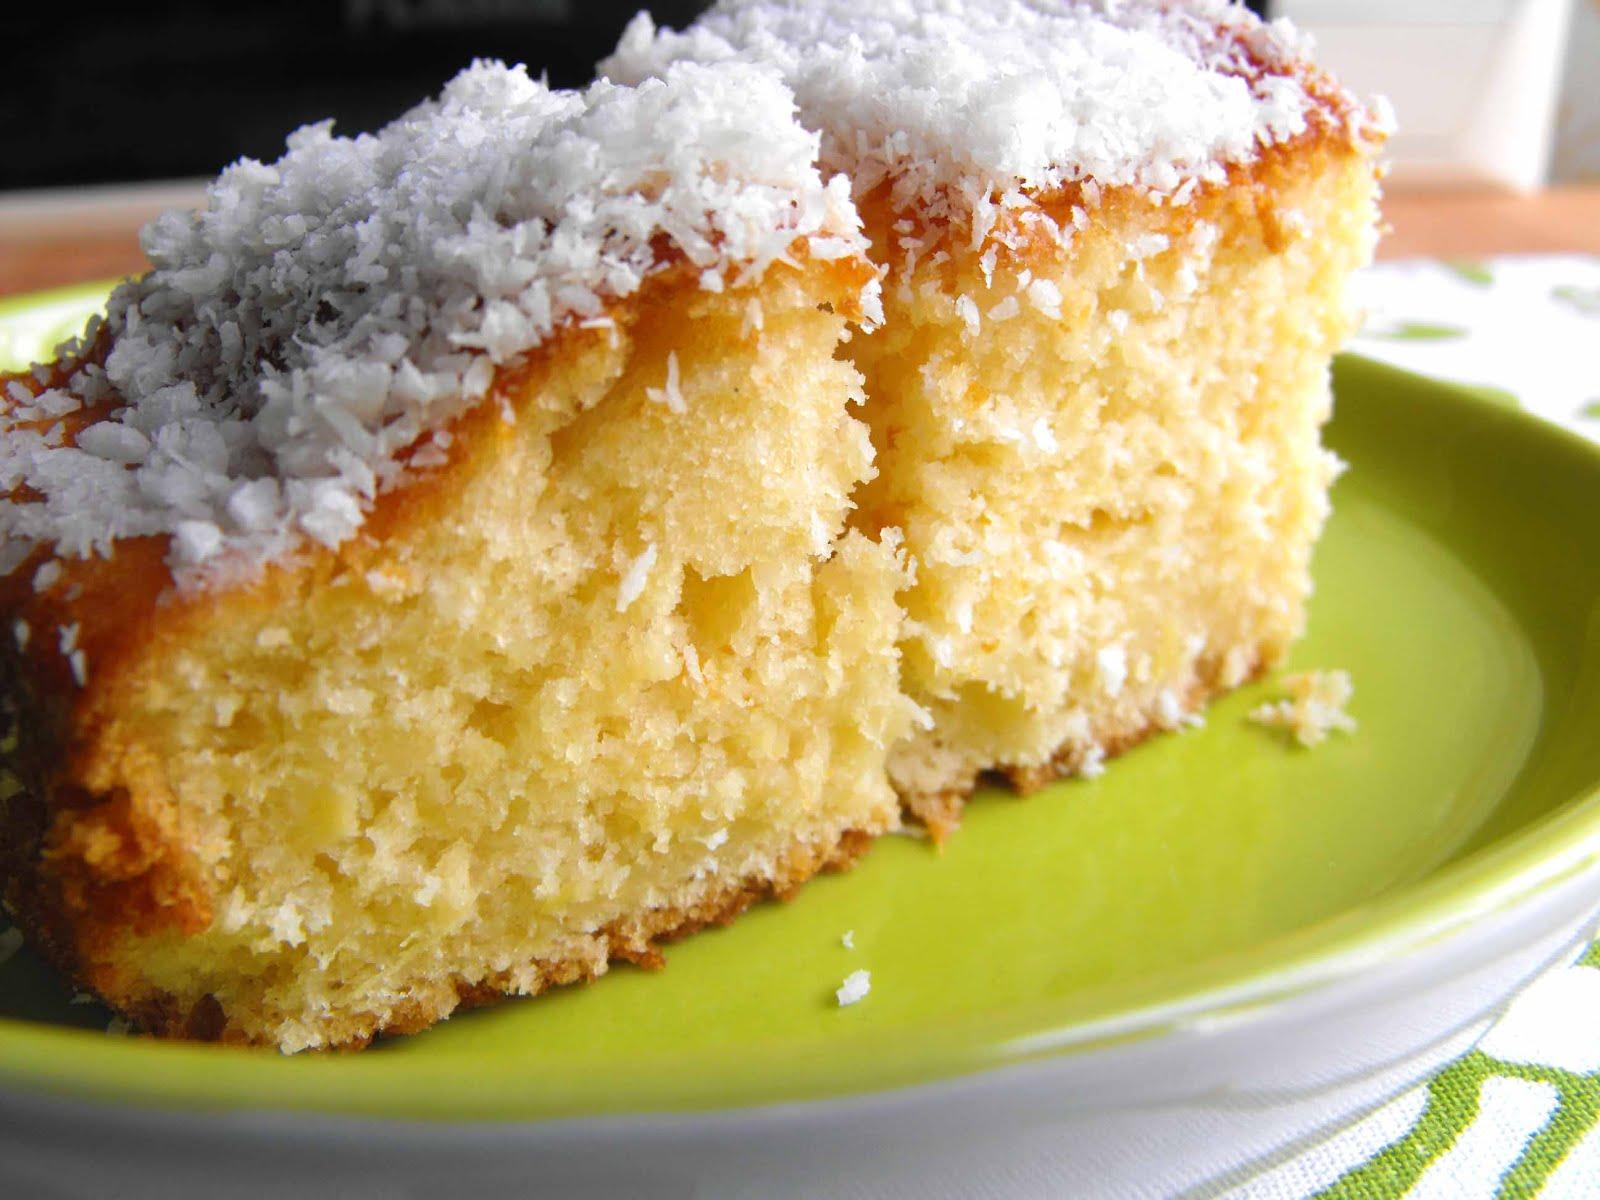 As receitas lá de casa: Bolo de ananás e coco